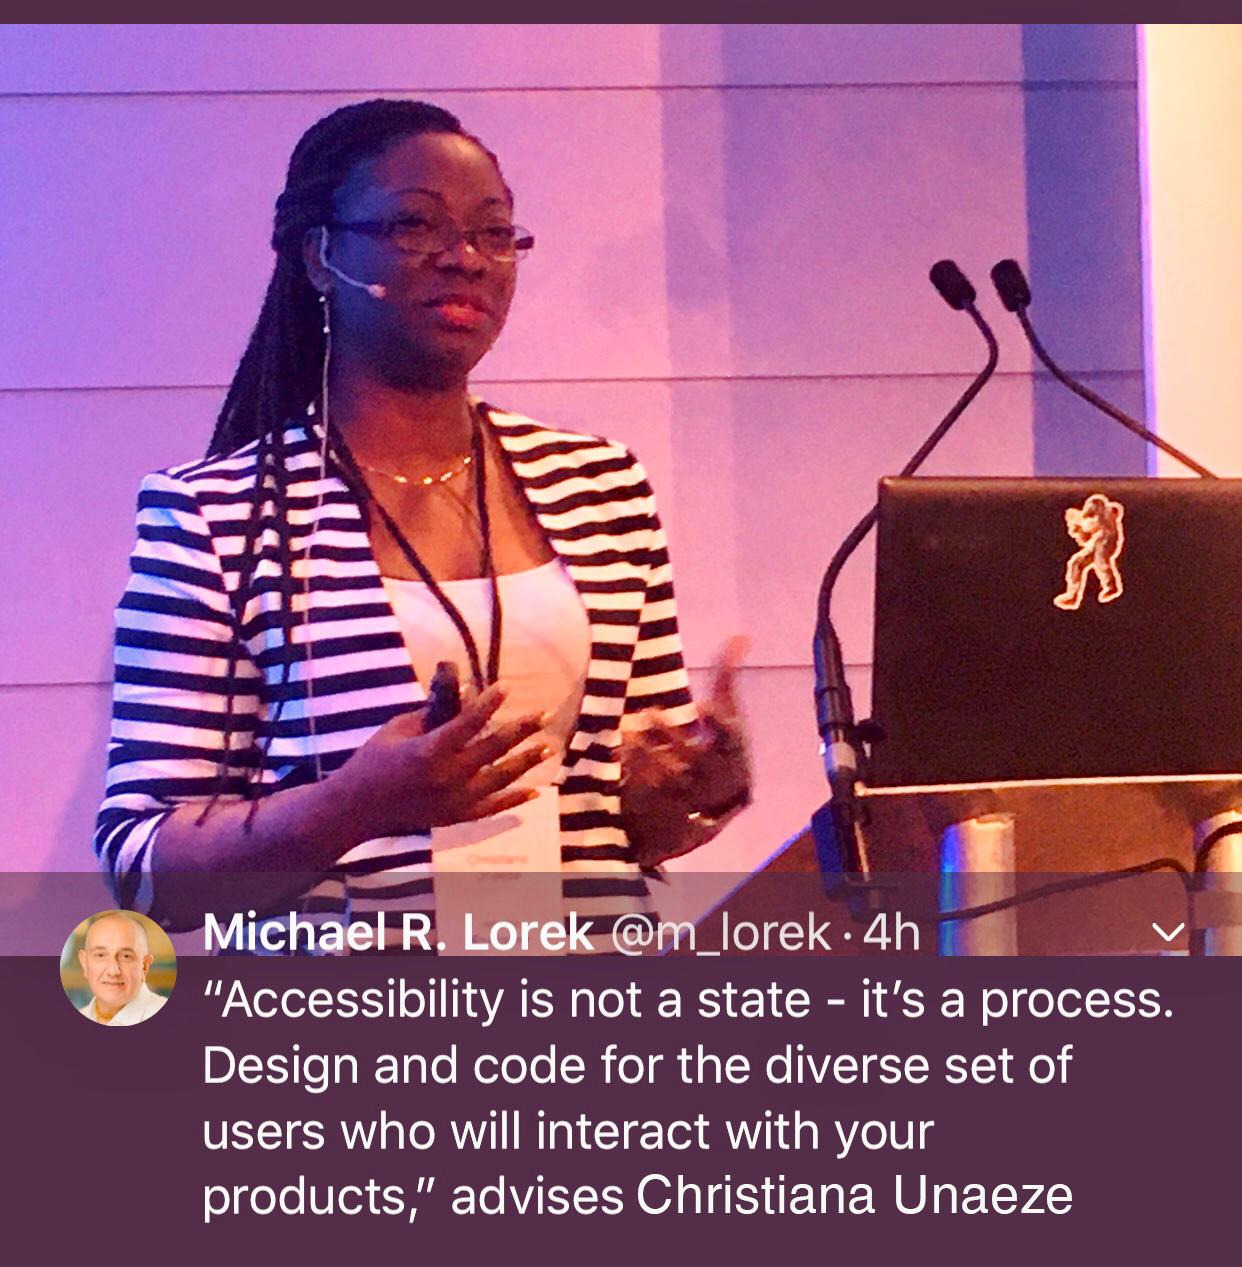 HelloChristiana UX Designer and Accessibility Consultant, Hello Christiana User Experience Designer in Atlanta, Ga